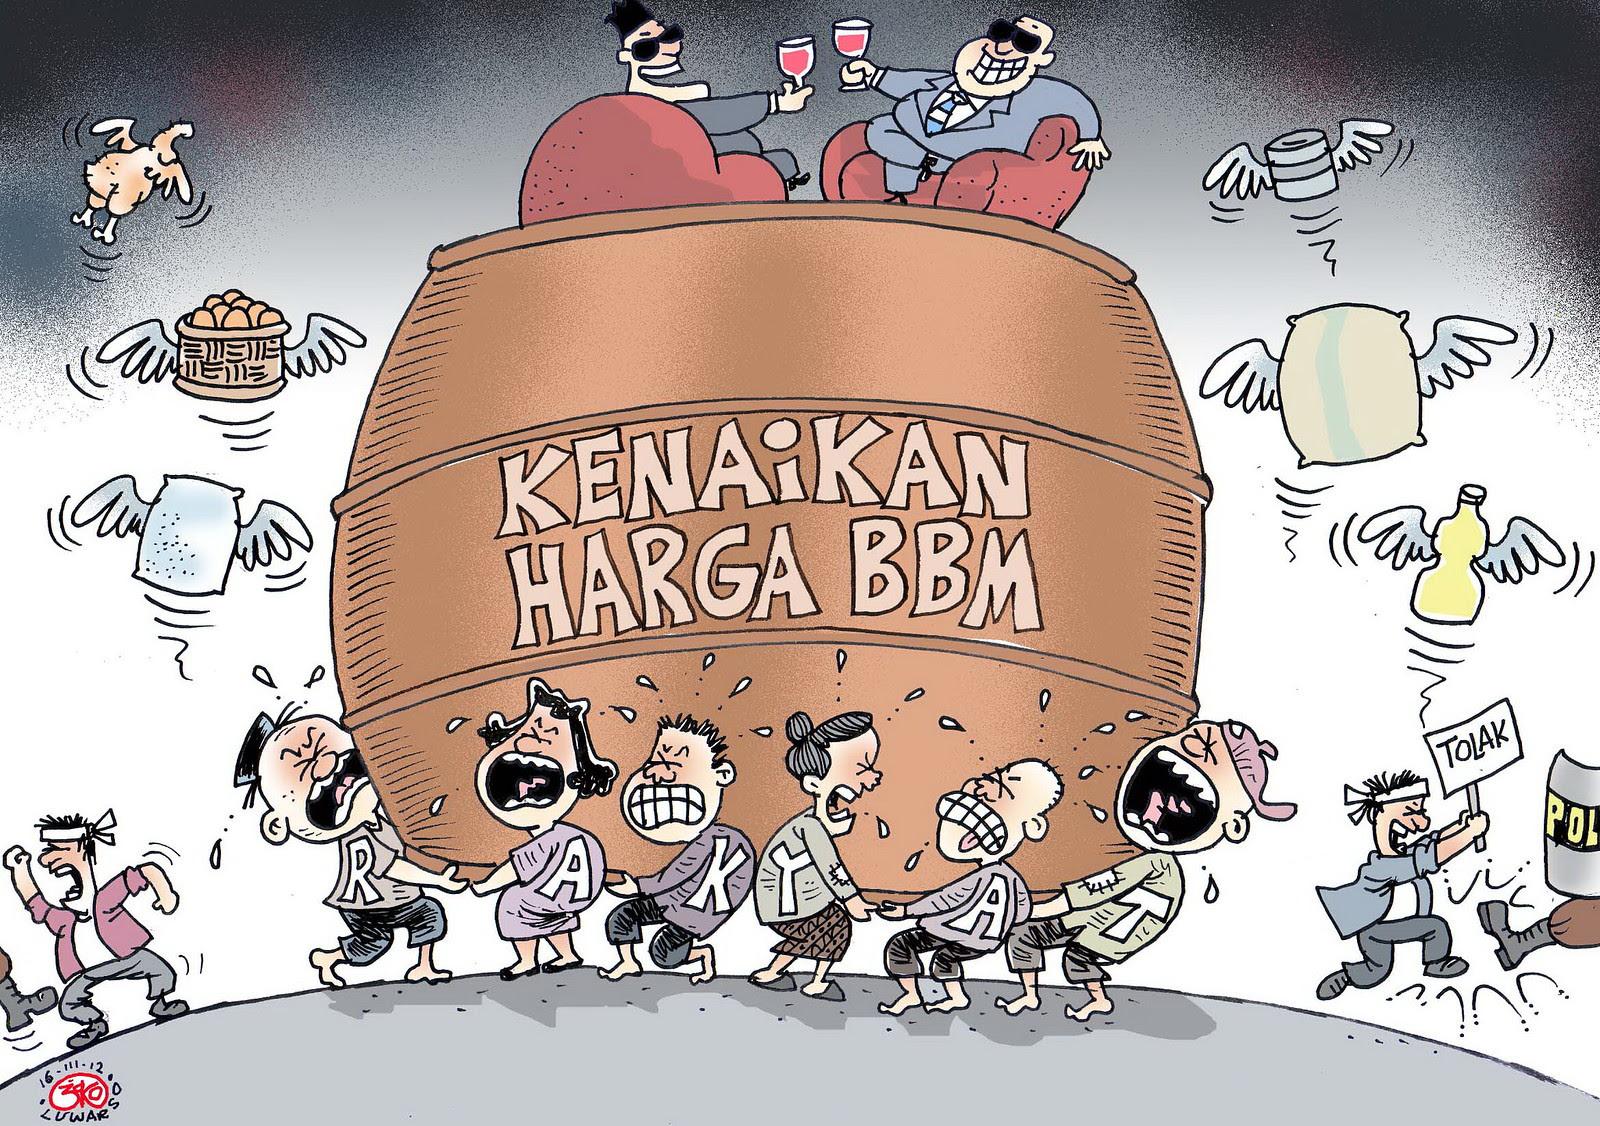 Kumpulan Karikatur Tentang BBM